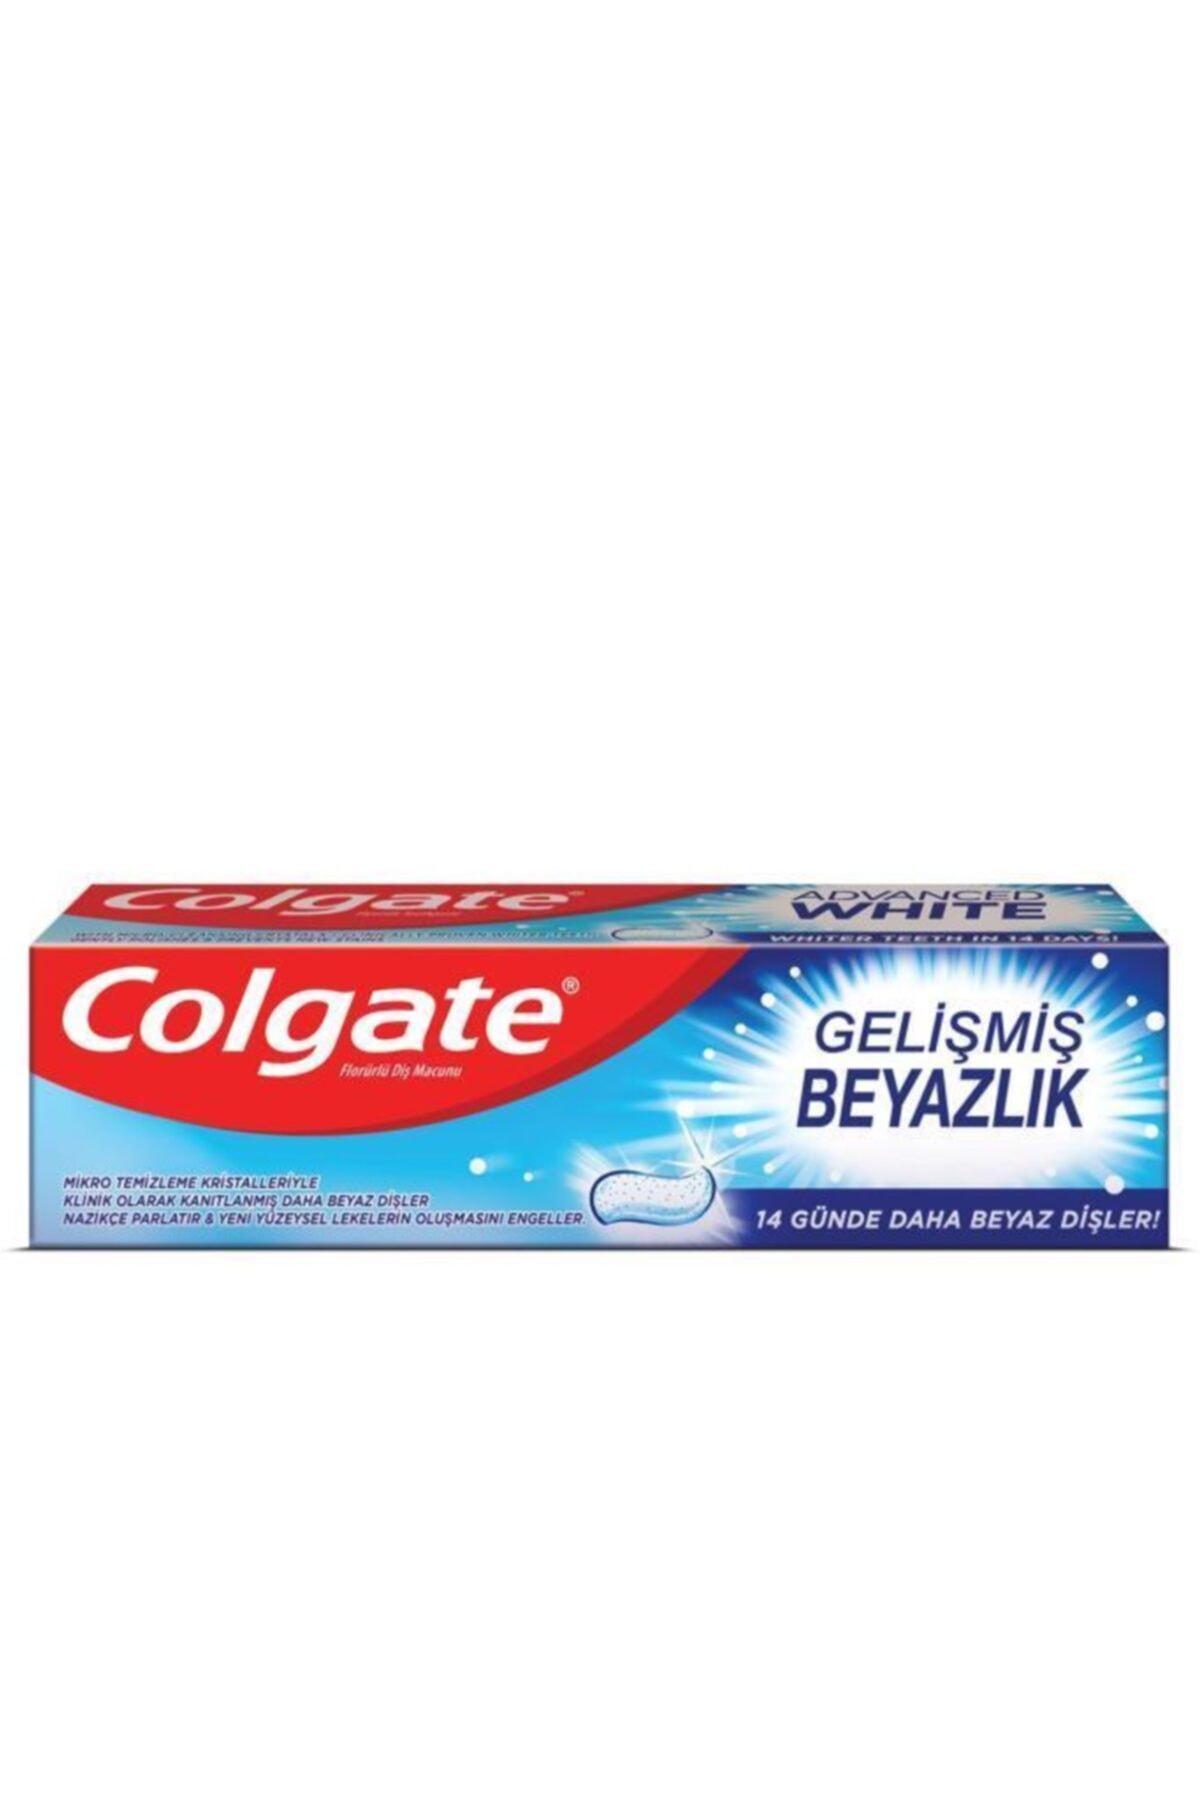 Colgate Gelişmiş Beyazlık Beyazlatıcı Diş Macunu 3 x 75 ml, Üçlü Etki Orta Diş Fırçası 2